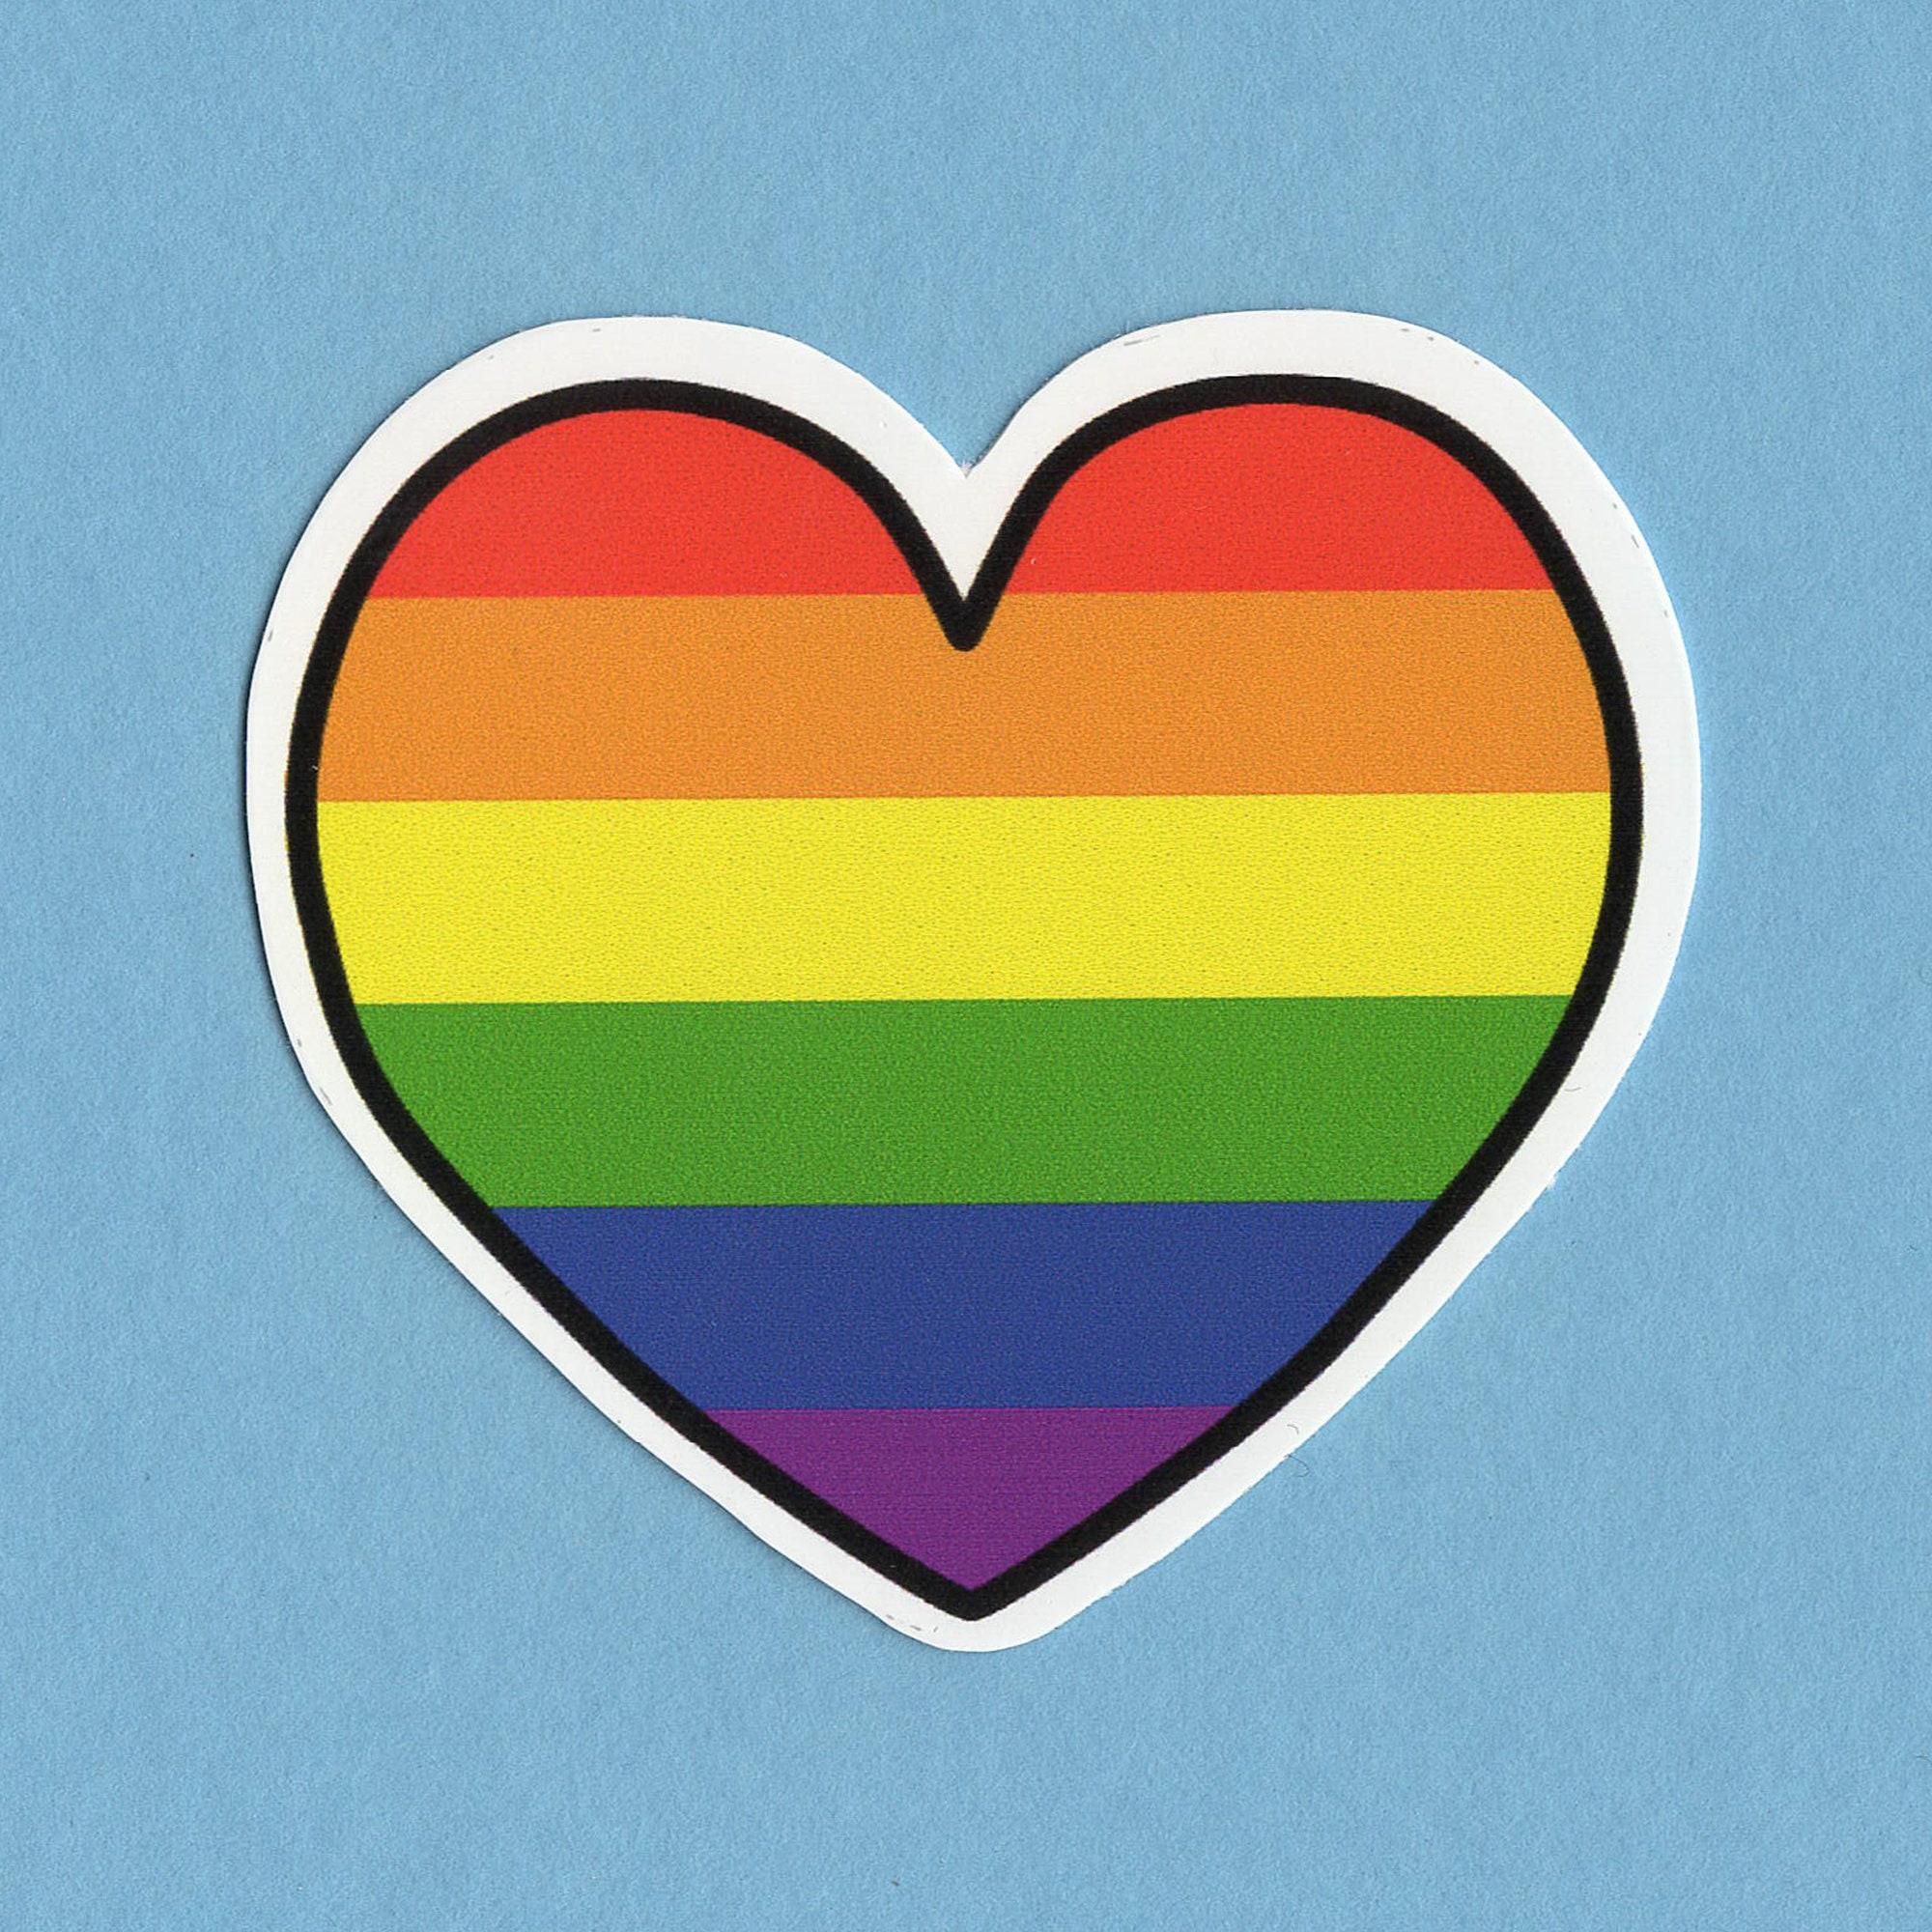 Lesbian Symbol Decal Car Window Pride Gay Lgbt Equality Bi Sticker Vinyl